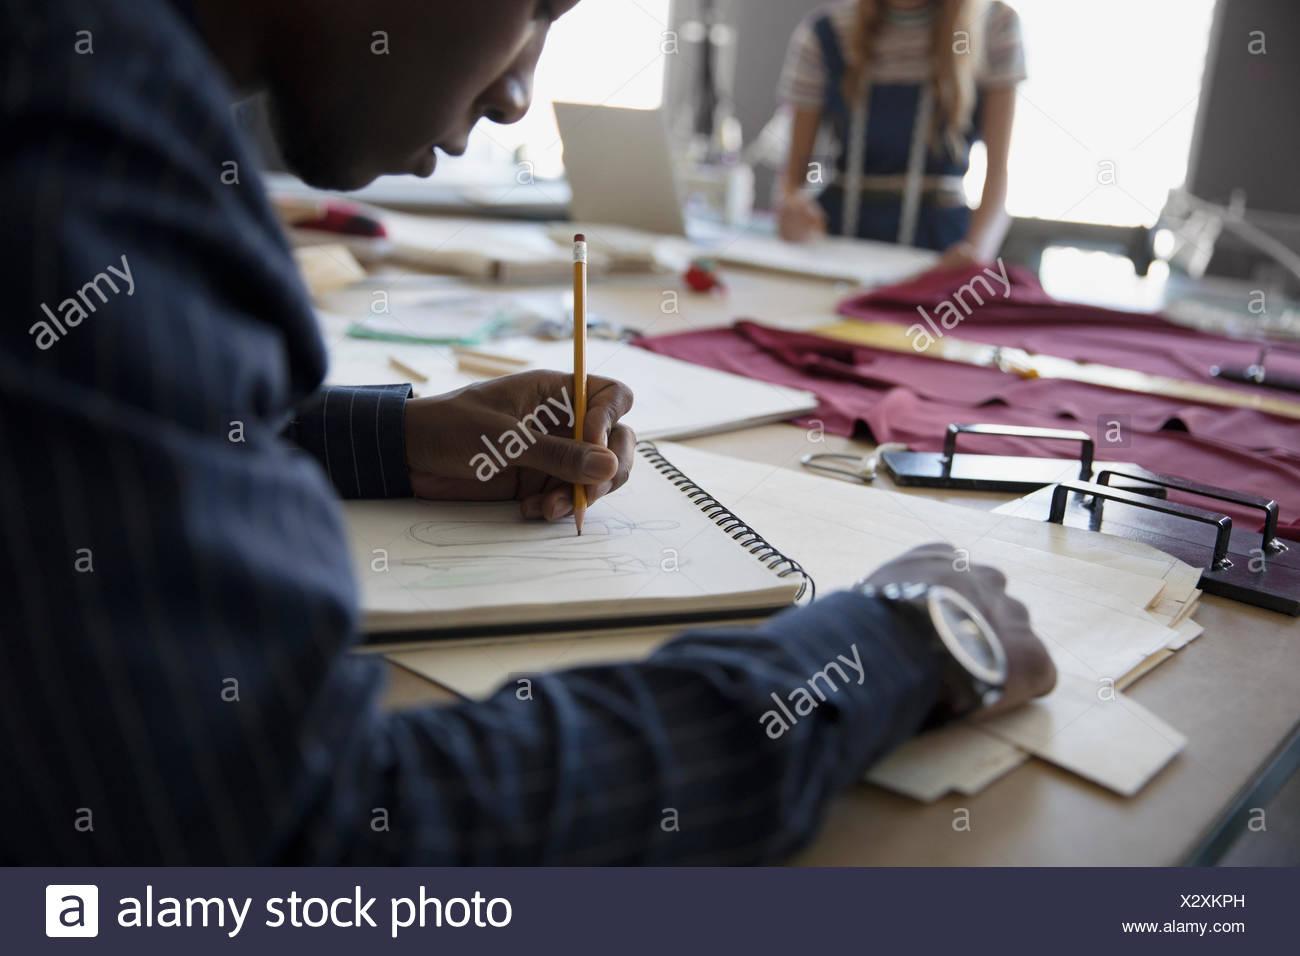 Moda maschile studente di design schizzi al banco di lavoro Immagini Stock